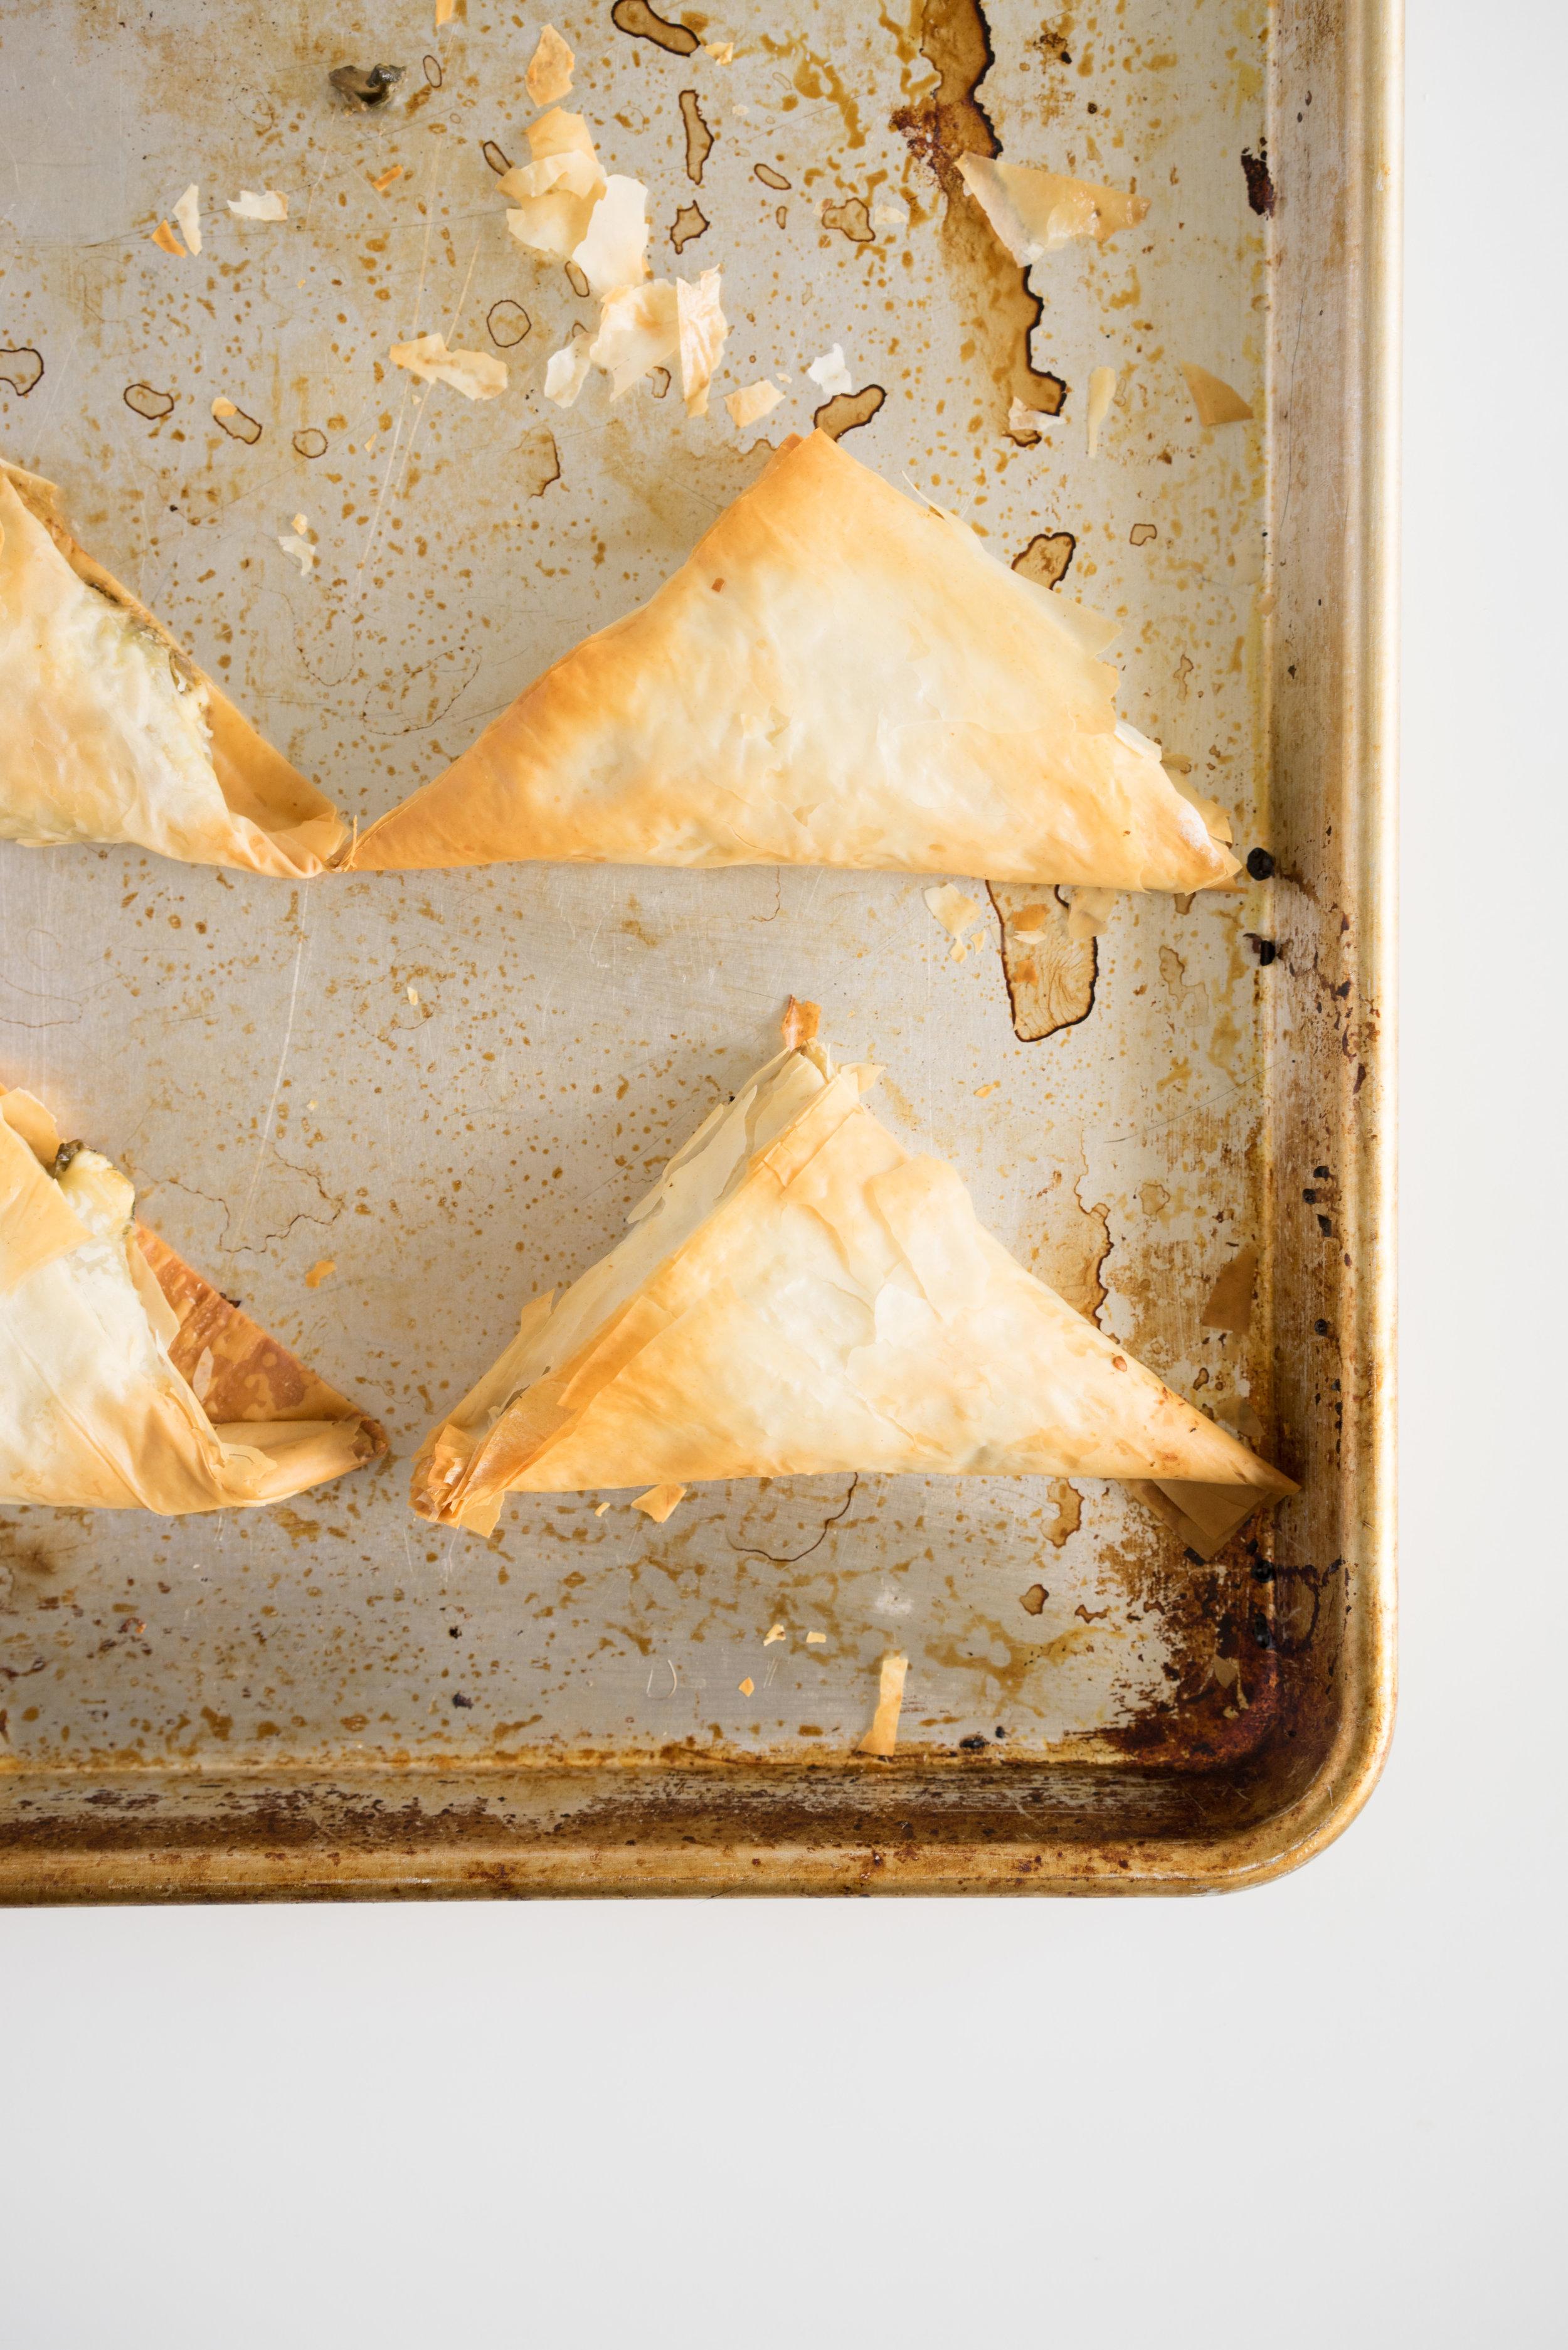 Spinach, feta, mushroom and pesto filo triangles